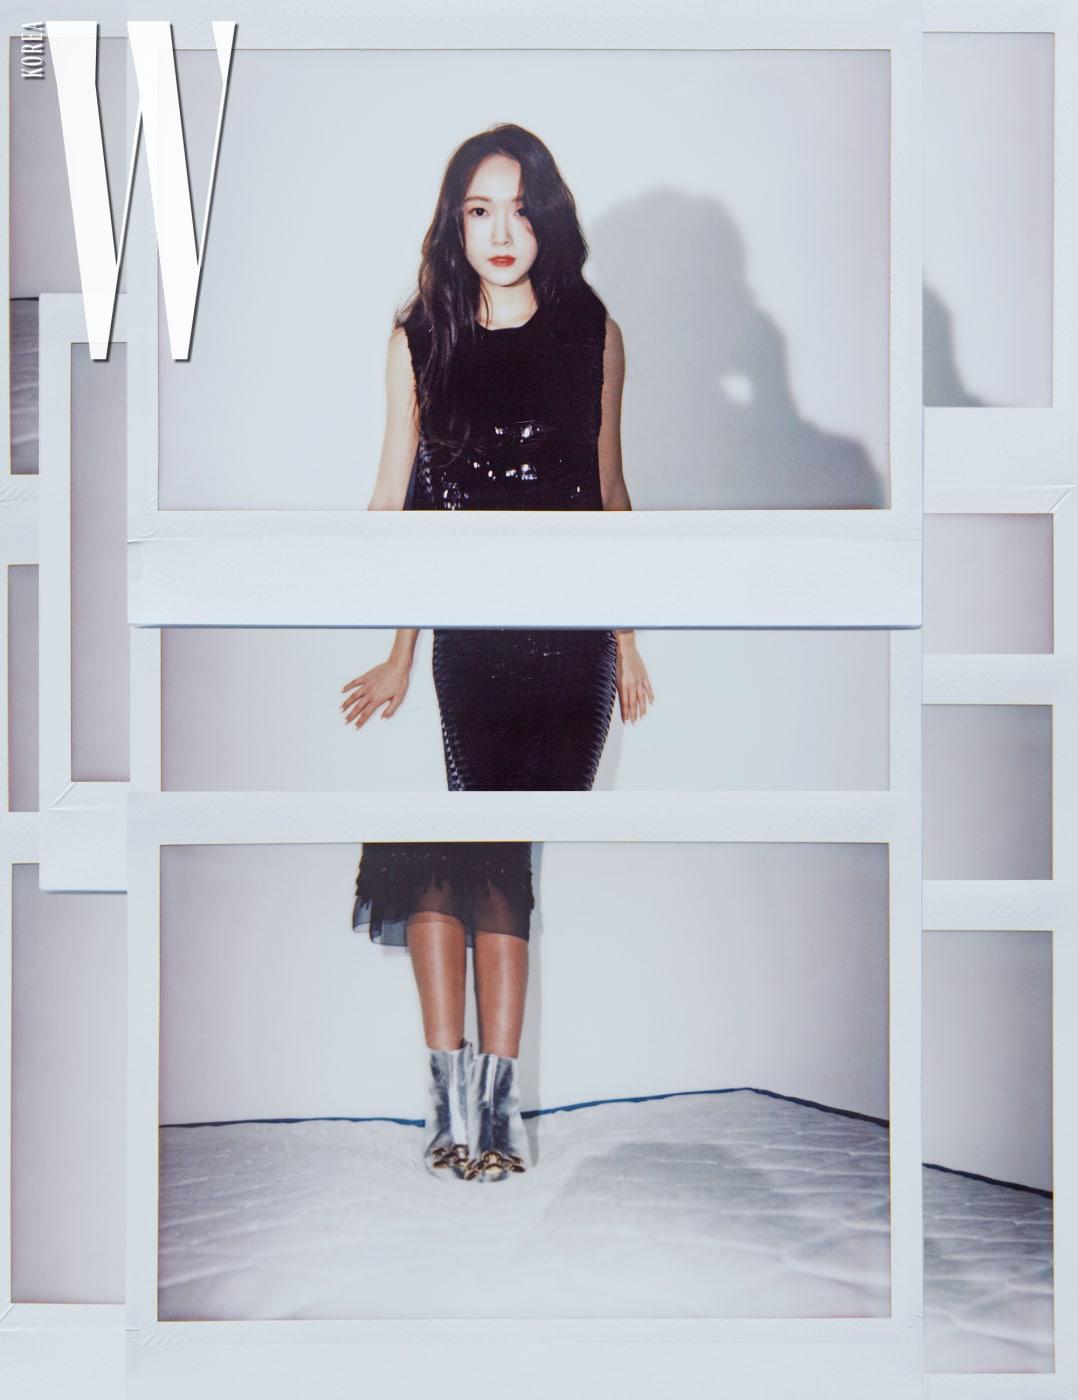 시퀸 장식 슬리브리스 톱과 밑단에 샤 소재로 포인트를 준 시퀸 장식 스커트, 실버 앵클부츠는 모두 Marc Jacobs 제품.